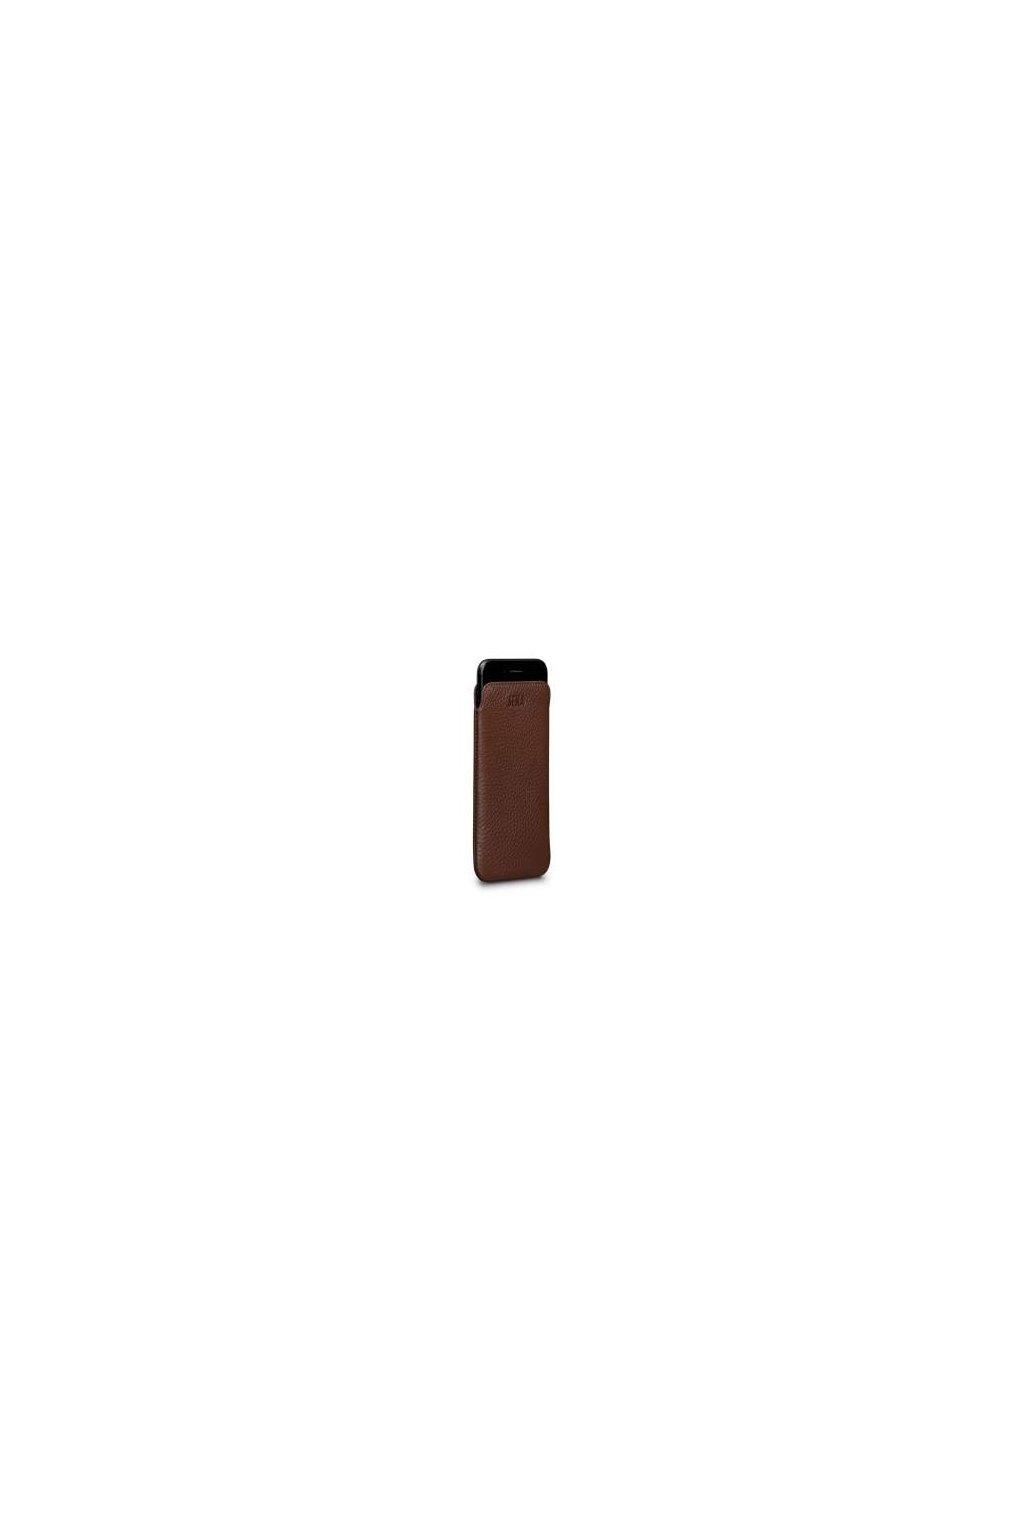 1853 kozene pouzdro pro iphone 6 7 8 hnede